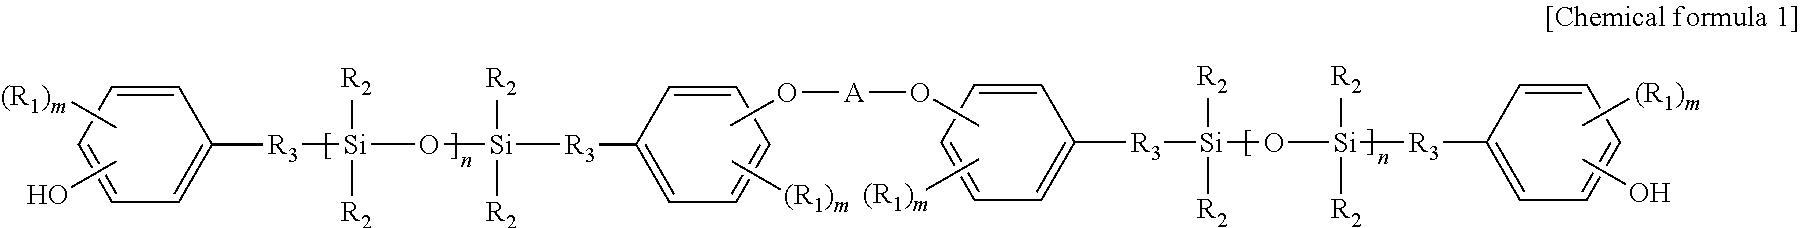 Figure US20160122477A1-20160505-C00017